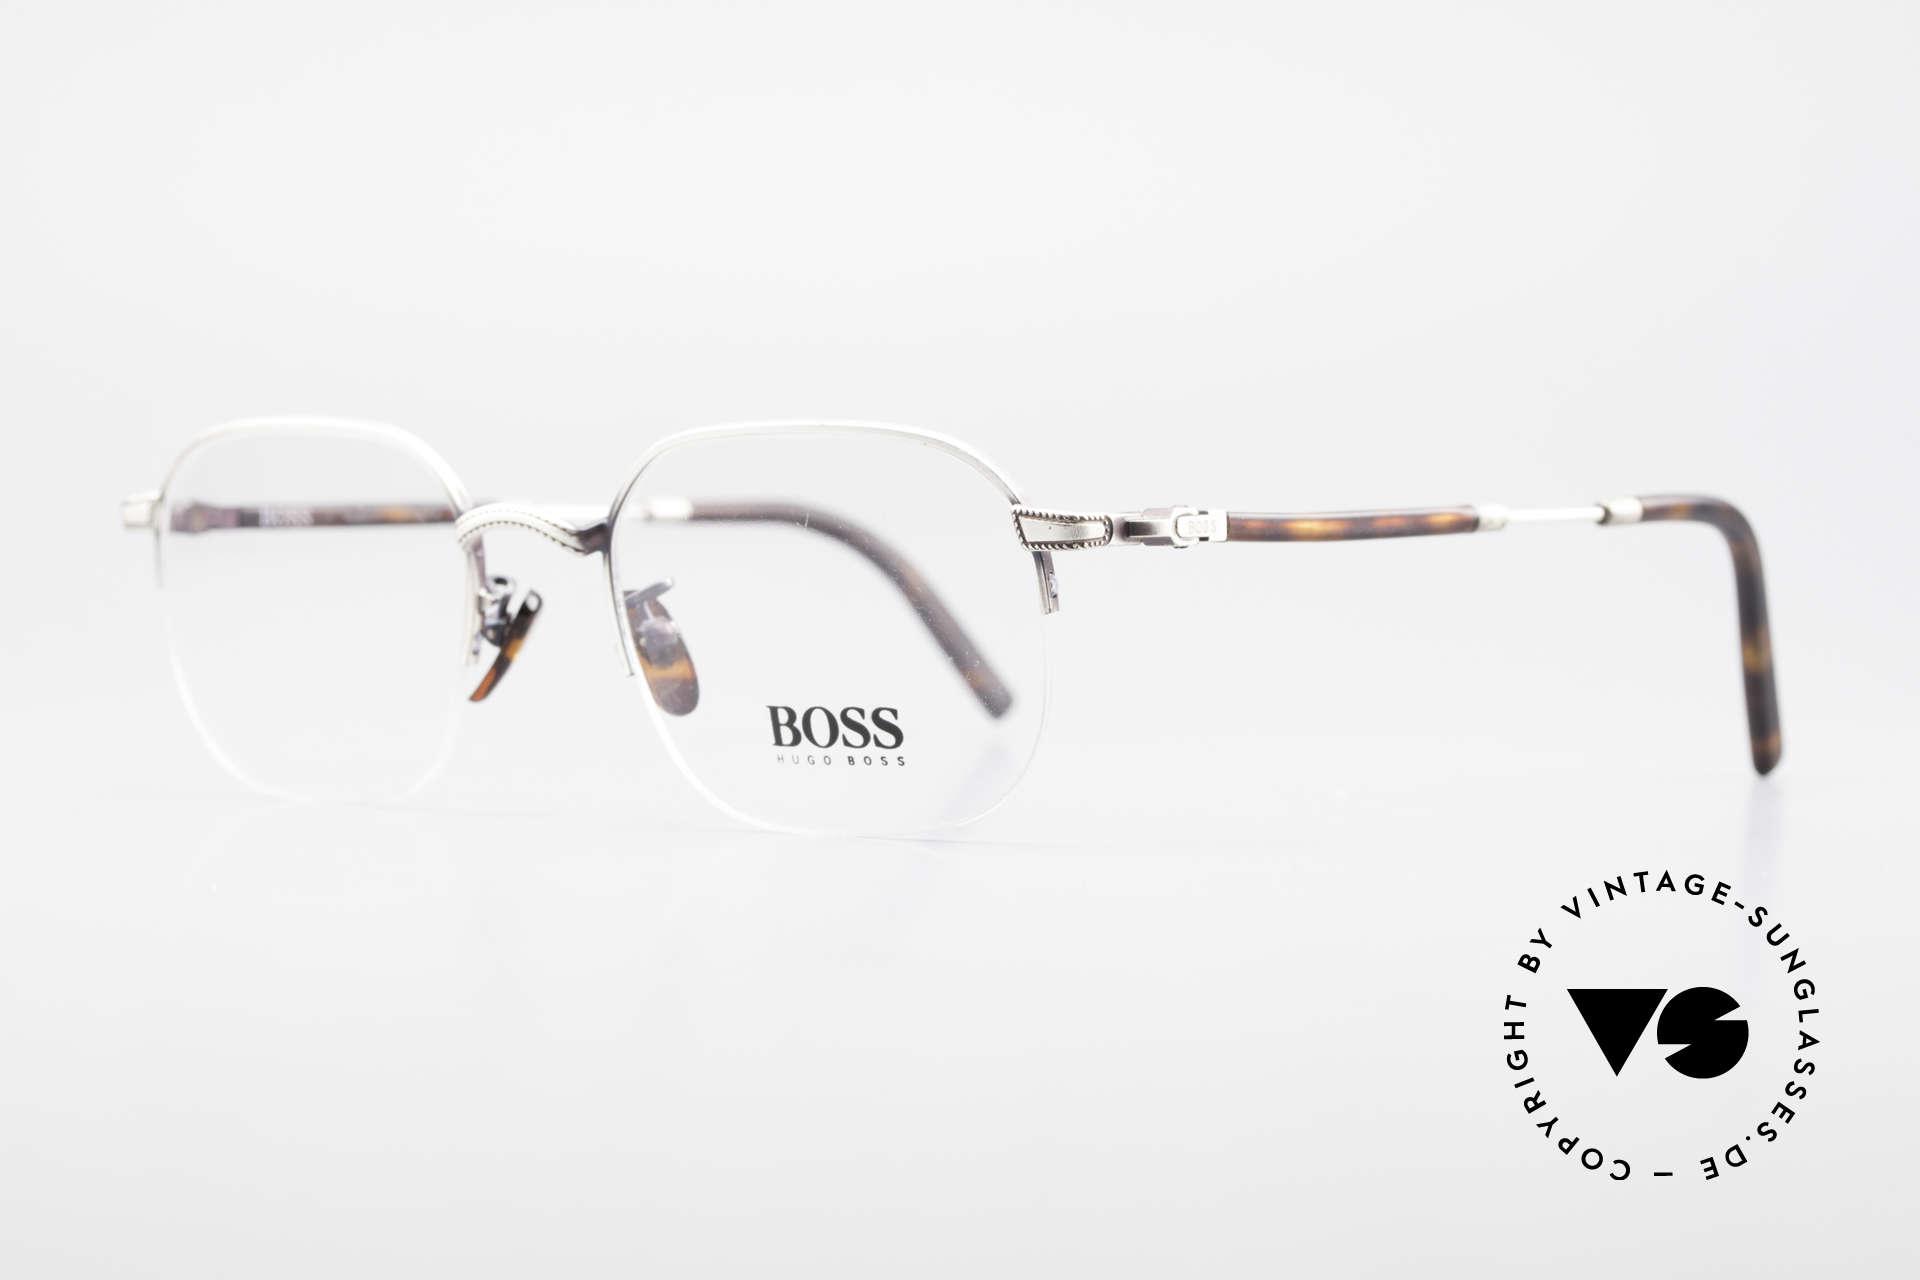 BOSS 4712 Klassische Herrenbrille 90er, eines der ersten Boss Modelle aus Italien; späte 90er, Passend für Herren